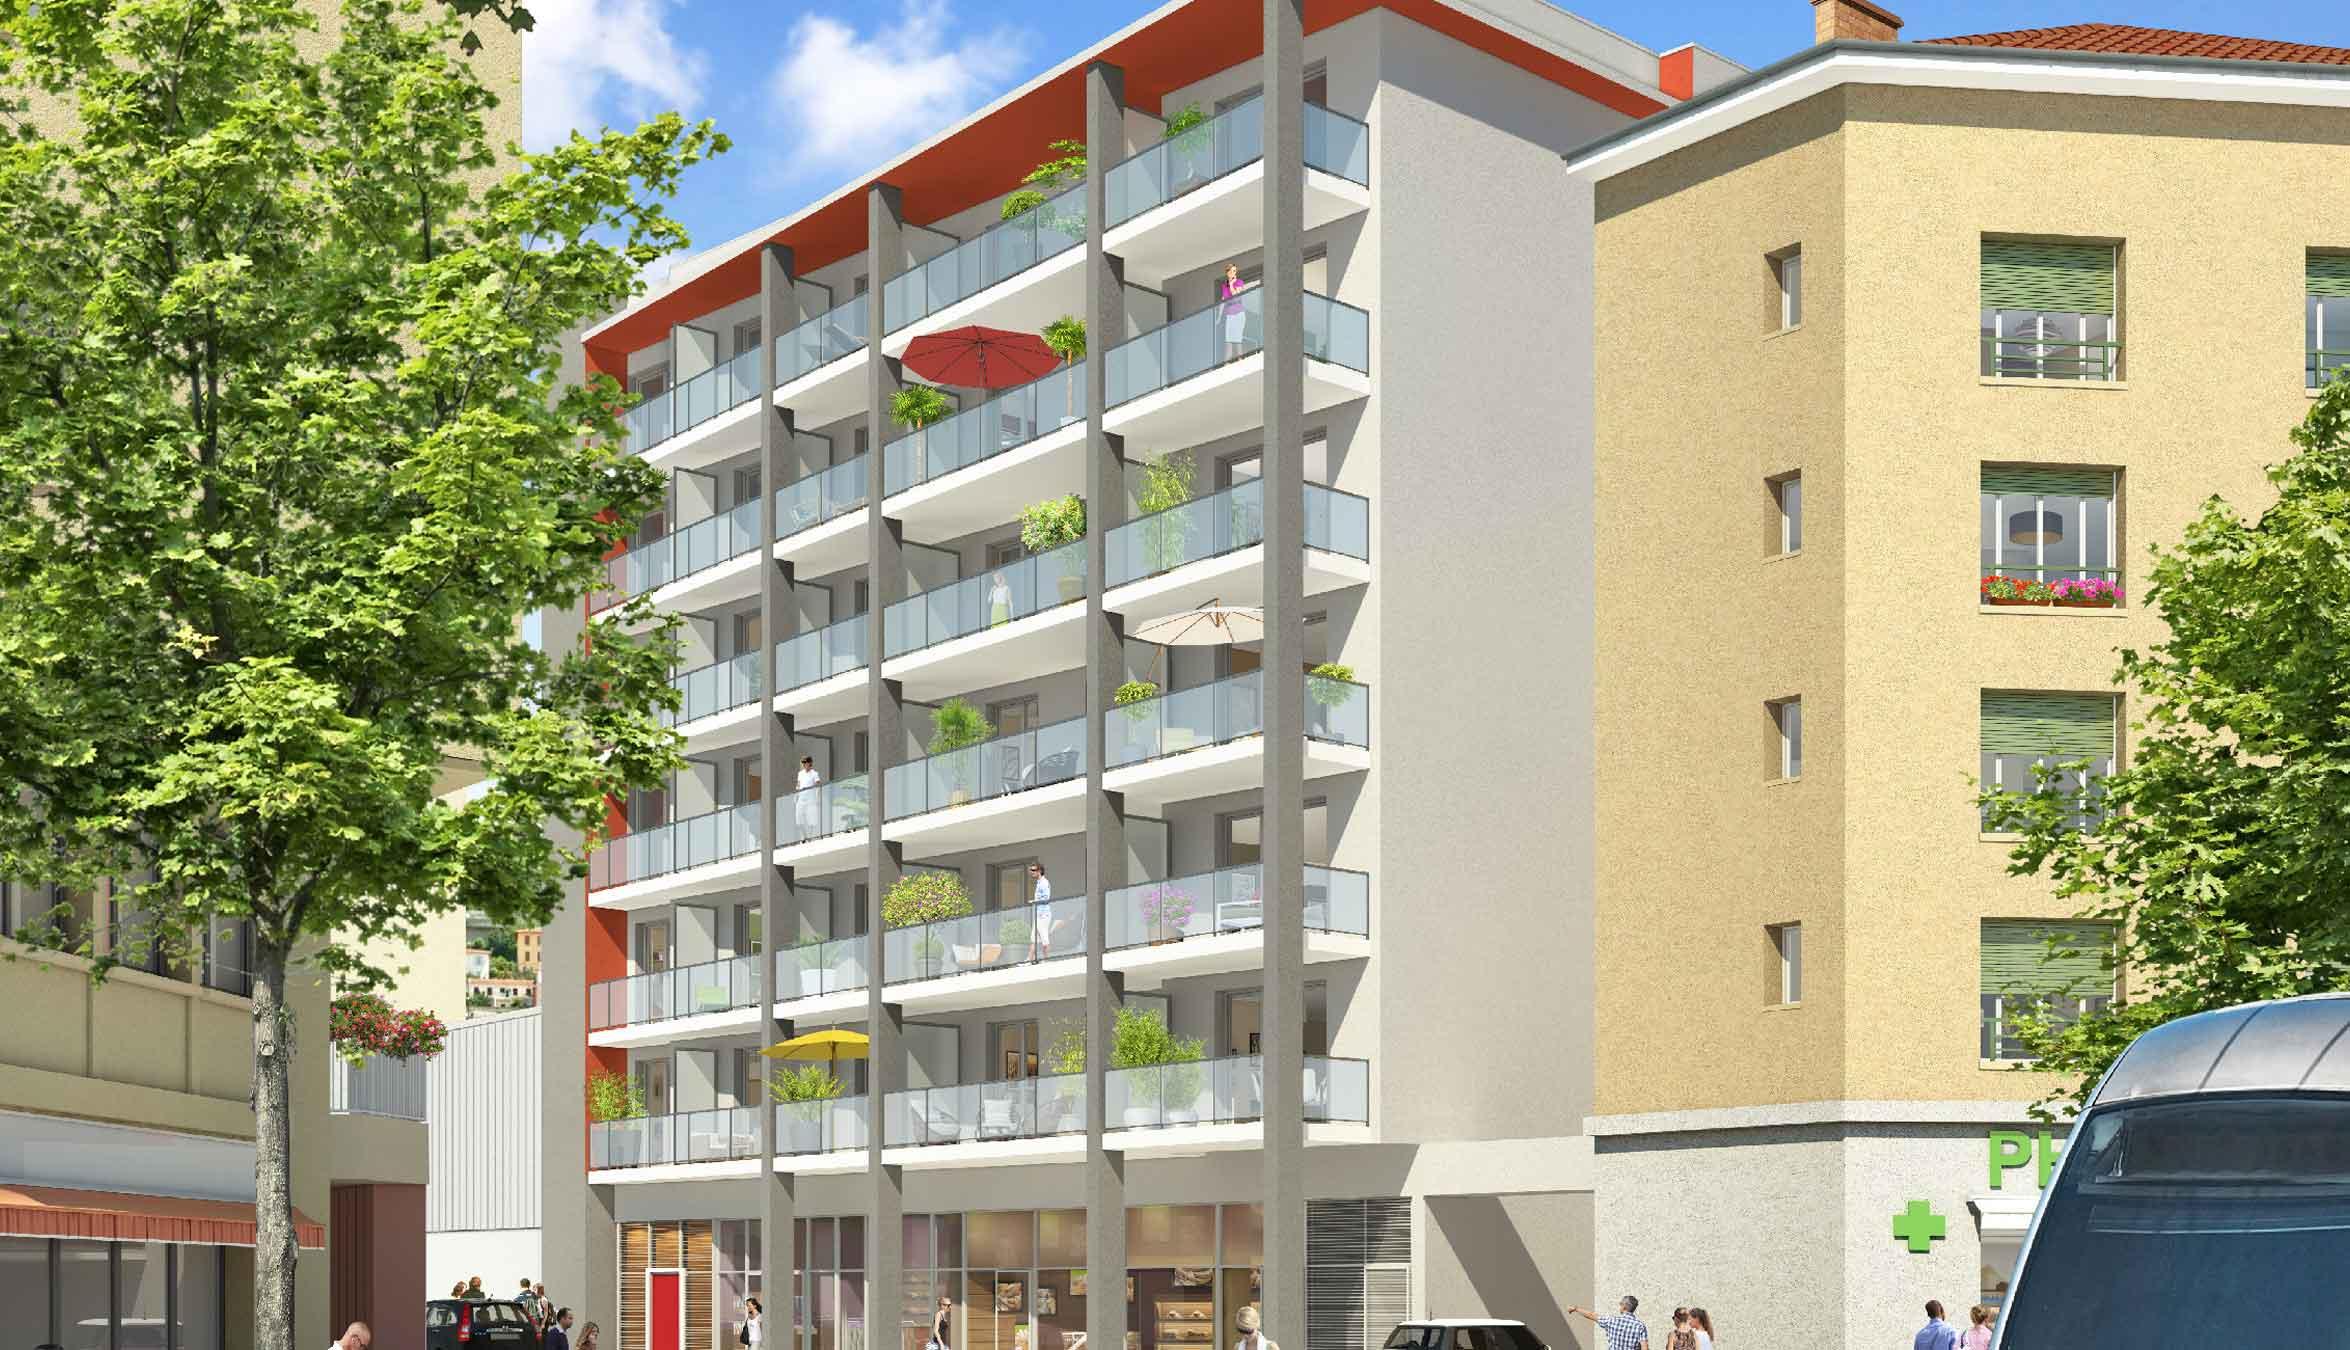 Appartement neuf Montpellier : Les conseils que j'applique moi-même pour acheter des biens immobiliers